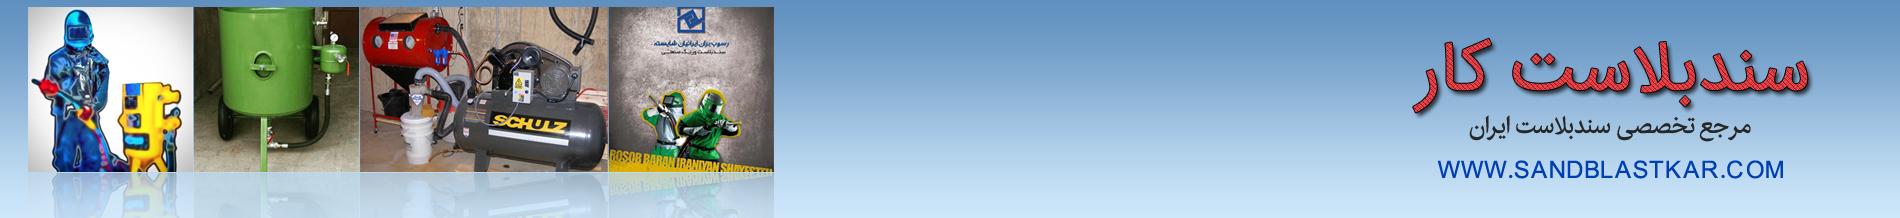 سندبلاست  رنگ آمیزی  سندبلاست مخازن سندبلاست اسکلت ساختمان سندبلاست سوله  سندبلاست پروفیل سندبلاست پل هوایی  سندبلاست صنعتی دستگاه